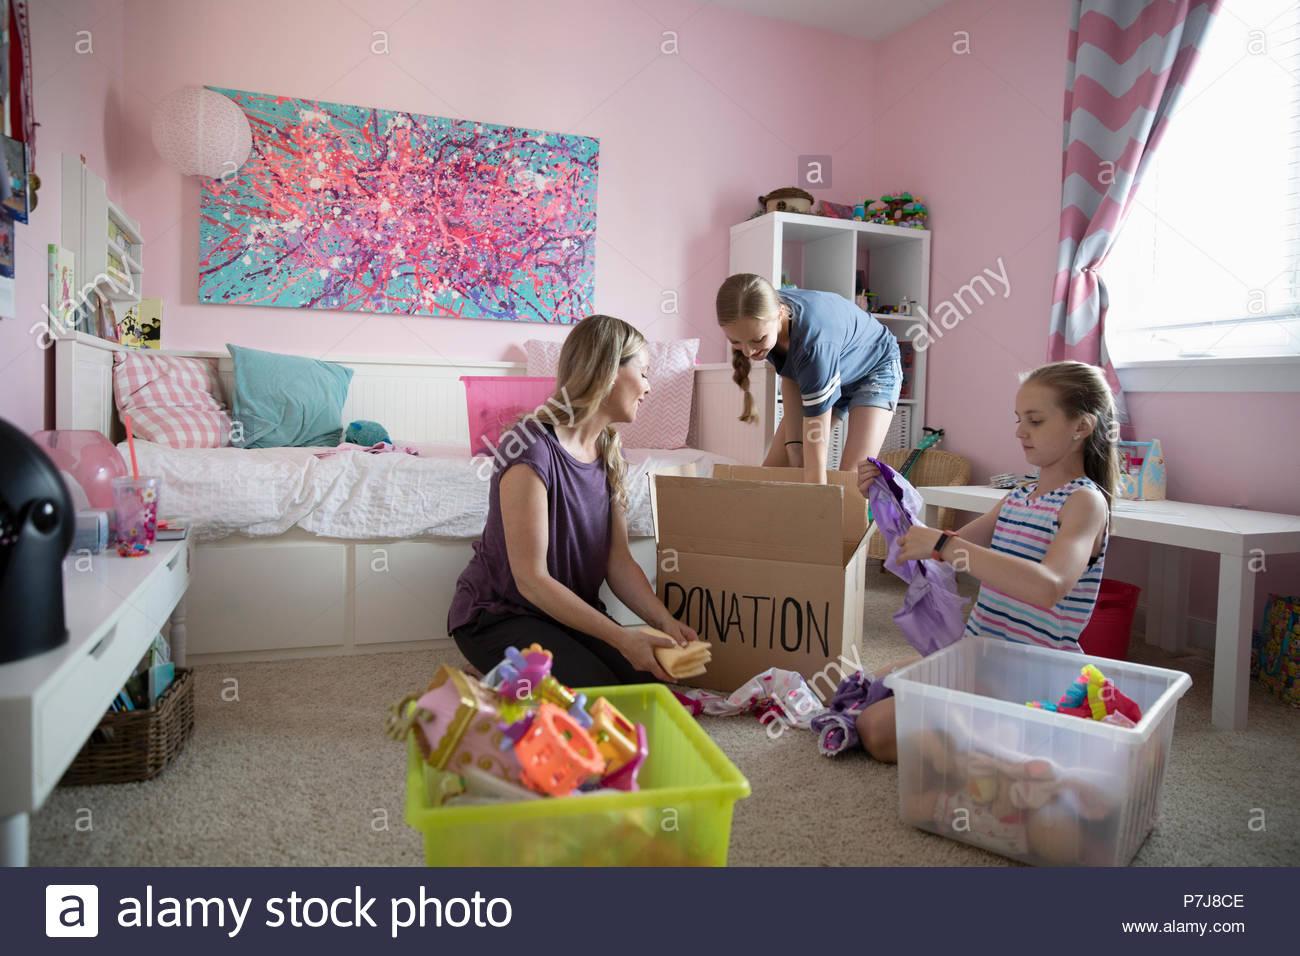 Madre y sus hijas organizando dormitorio, donando Imagen De Stock